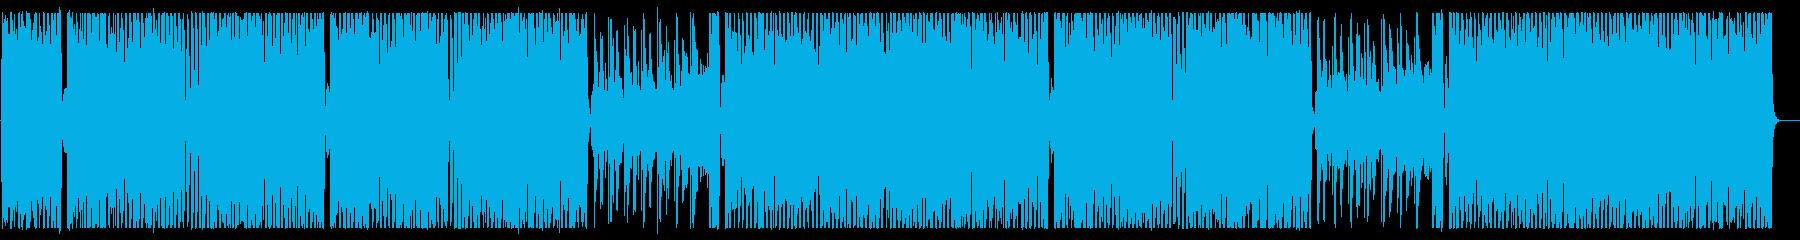 にぎやかで楽しいメロディーの再生済みの波形